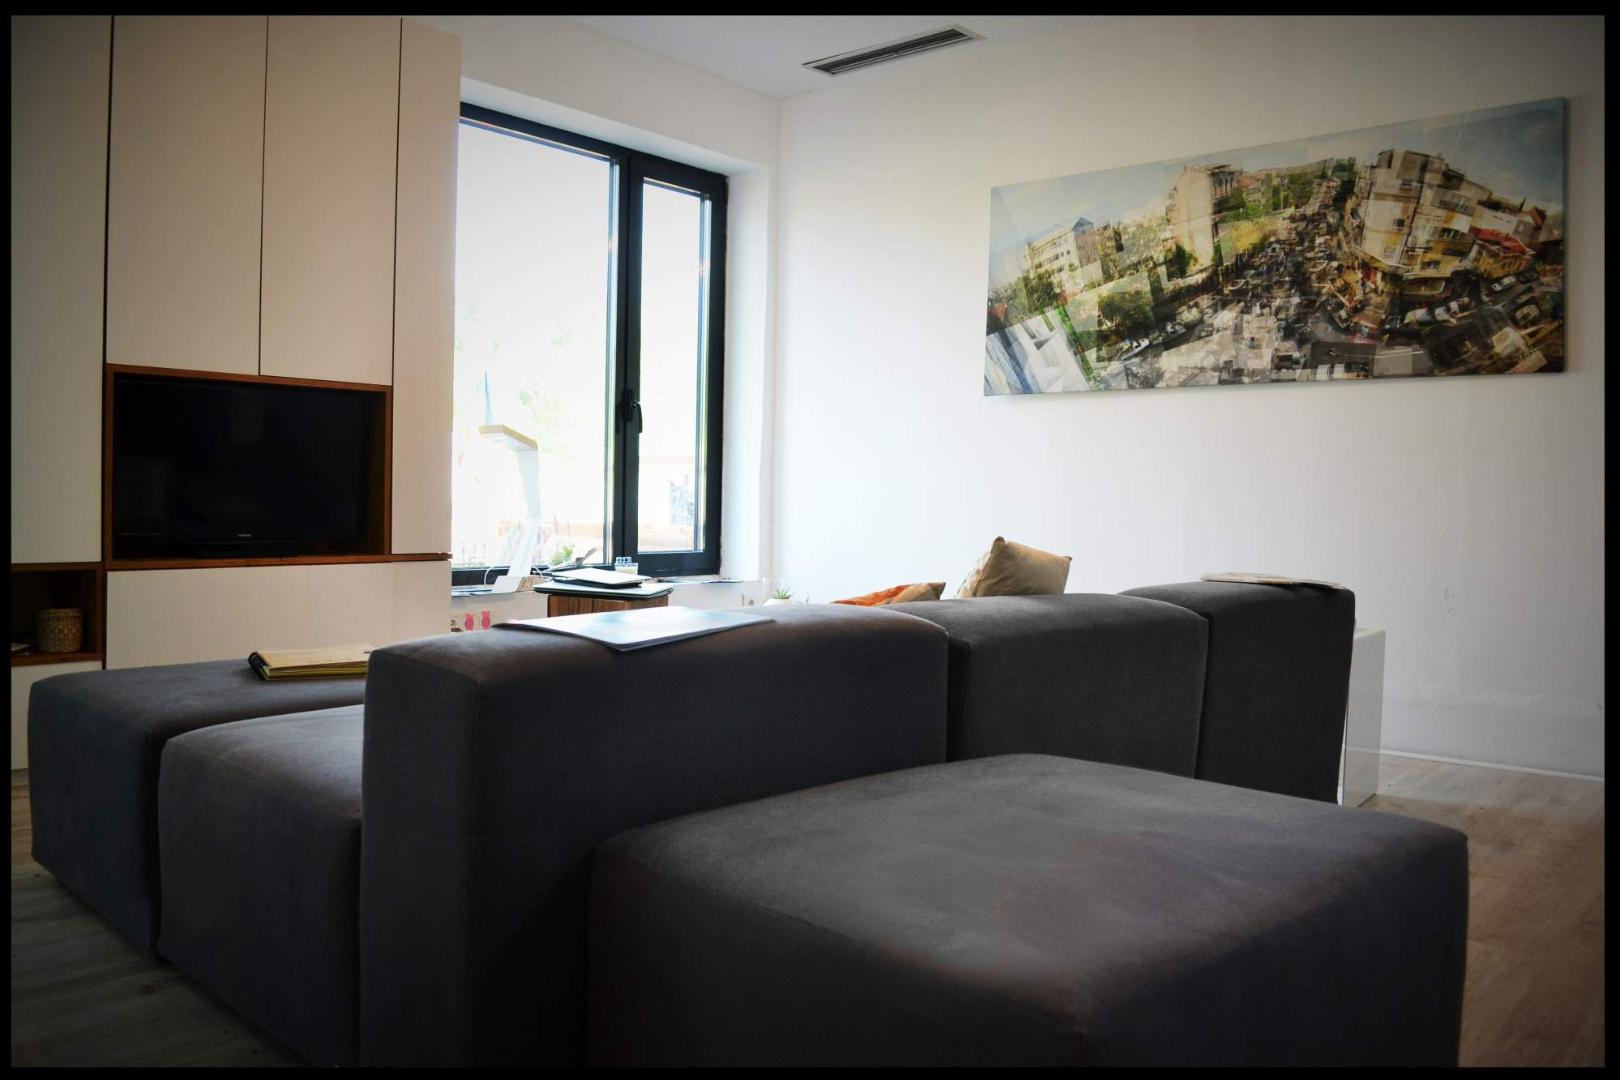 EFdeN mobilier placaj stratificat hpl ultramat bucatarie extensibila dormitor living baie019